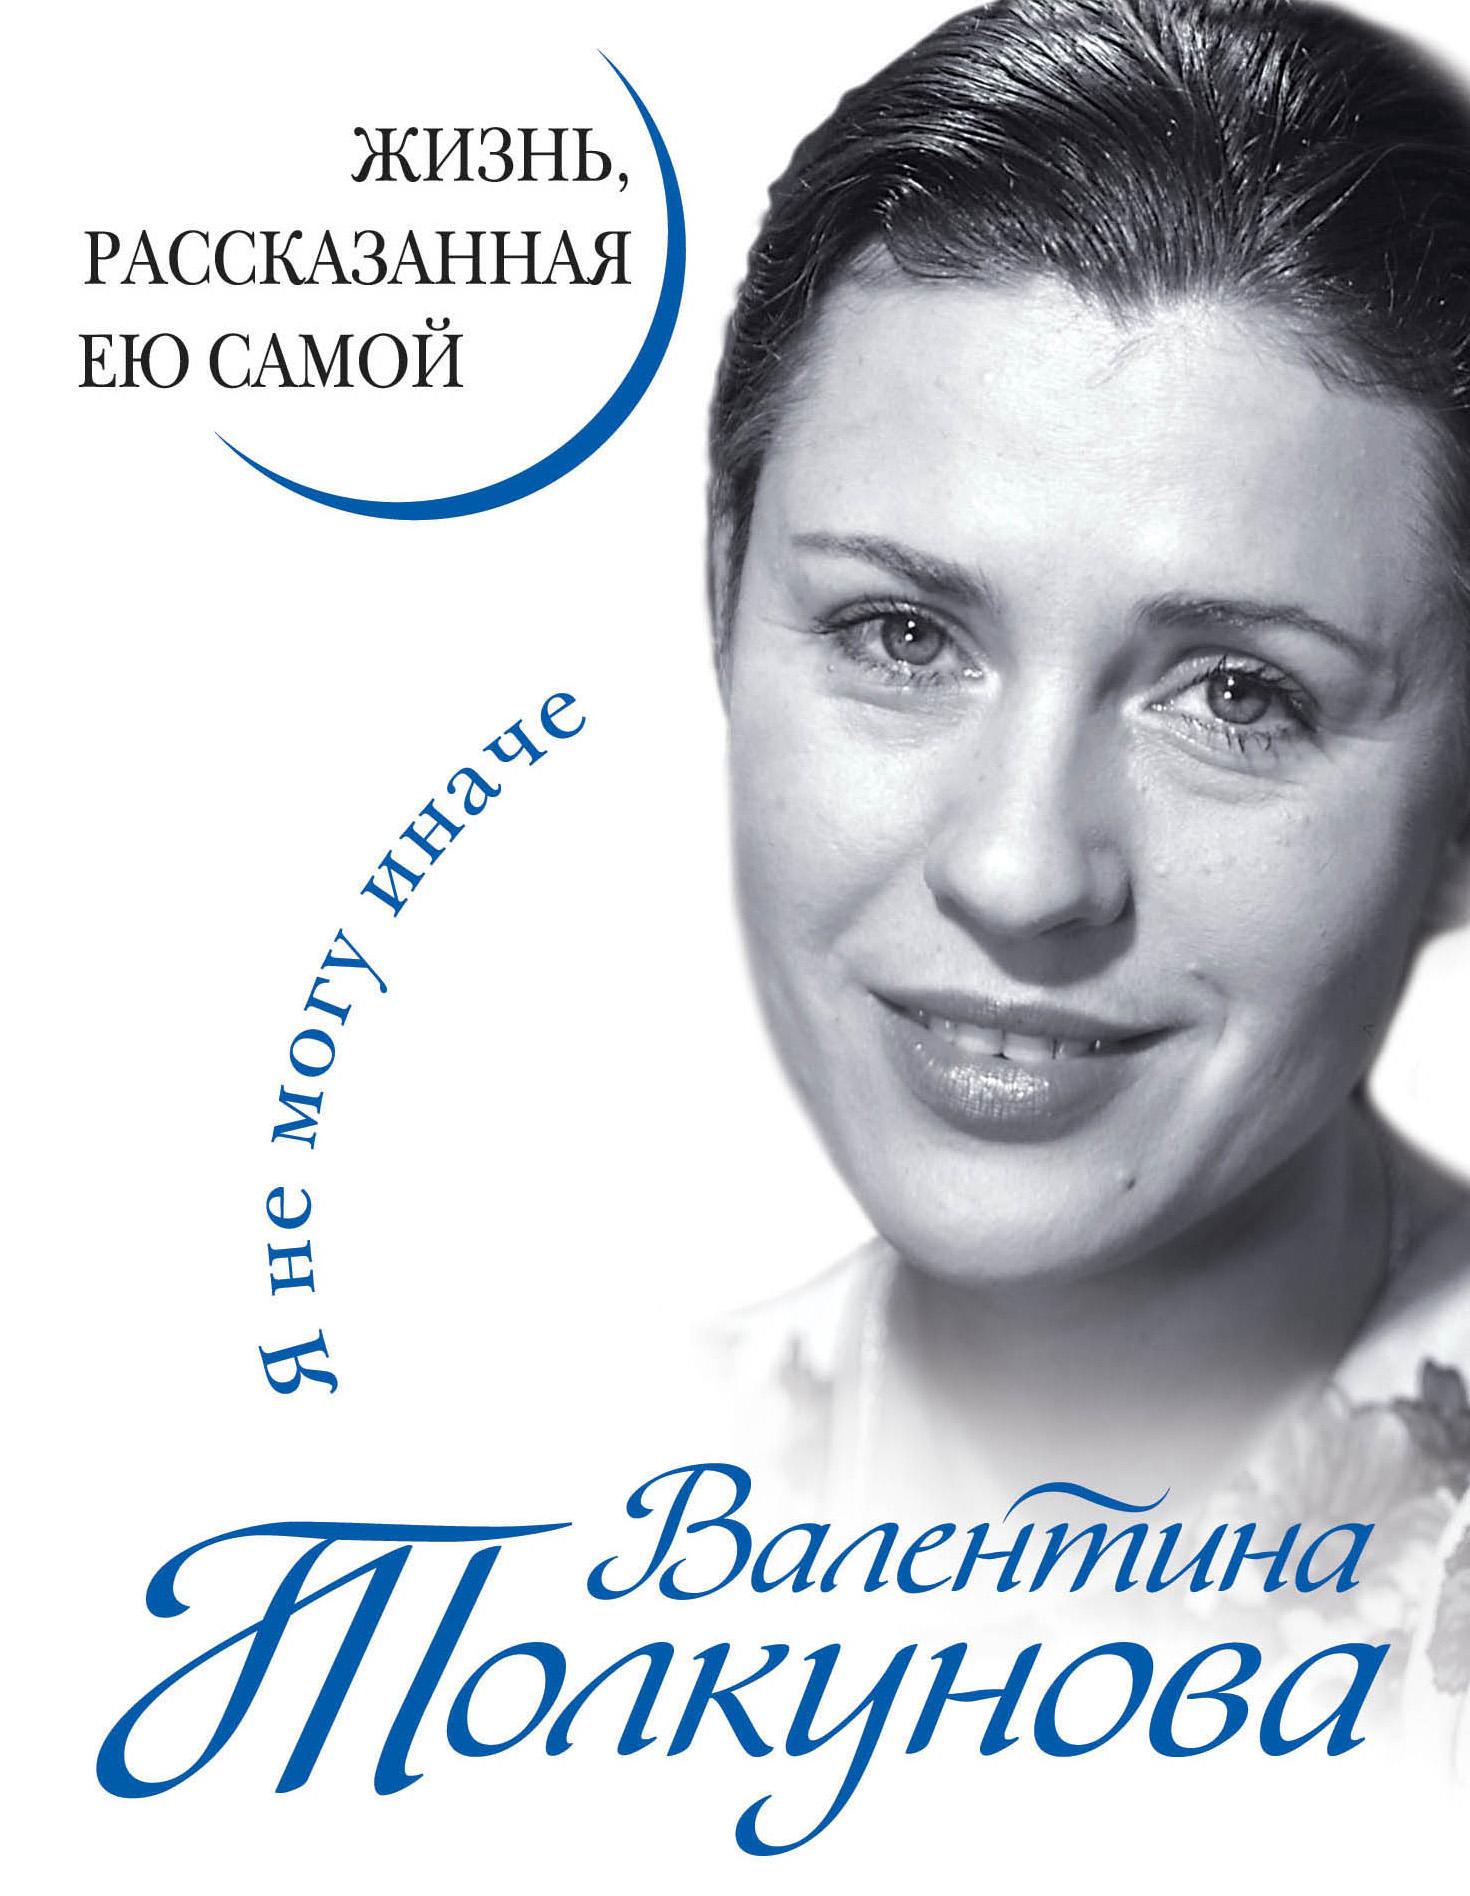 Валентина Толкунова Я не могу иначе. Жизнь, рассказанная ею самой